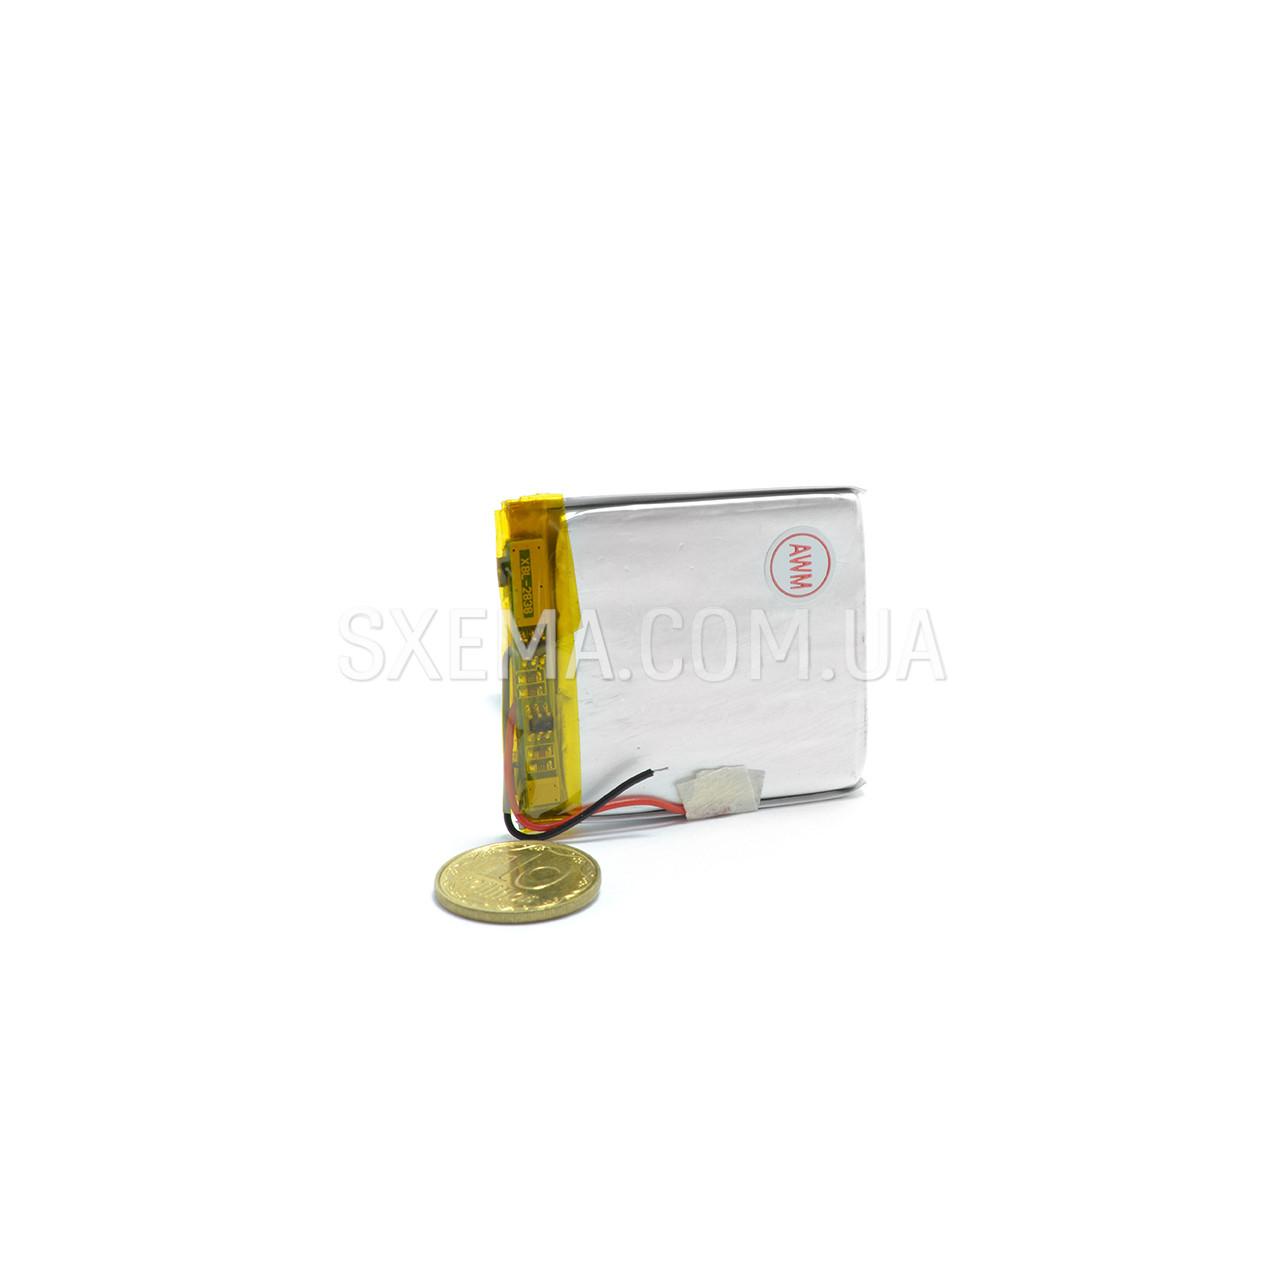 Аккумулятор универсальный 043450 (Li-ion 3.7В 1000мА·ч), (50*34*4 мм)